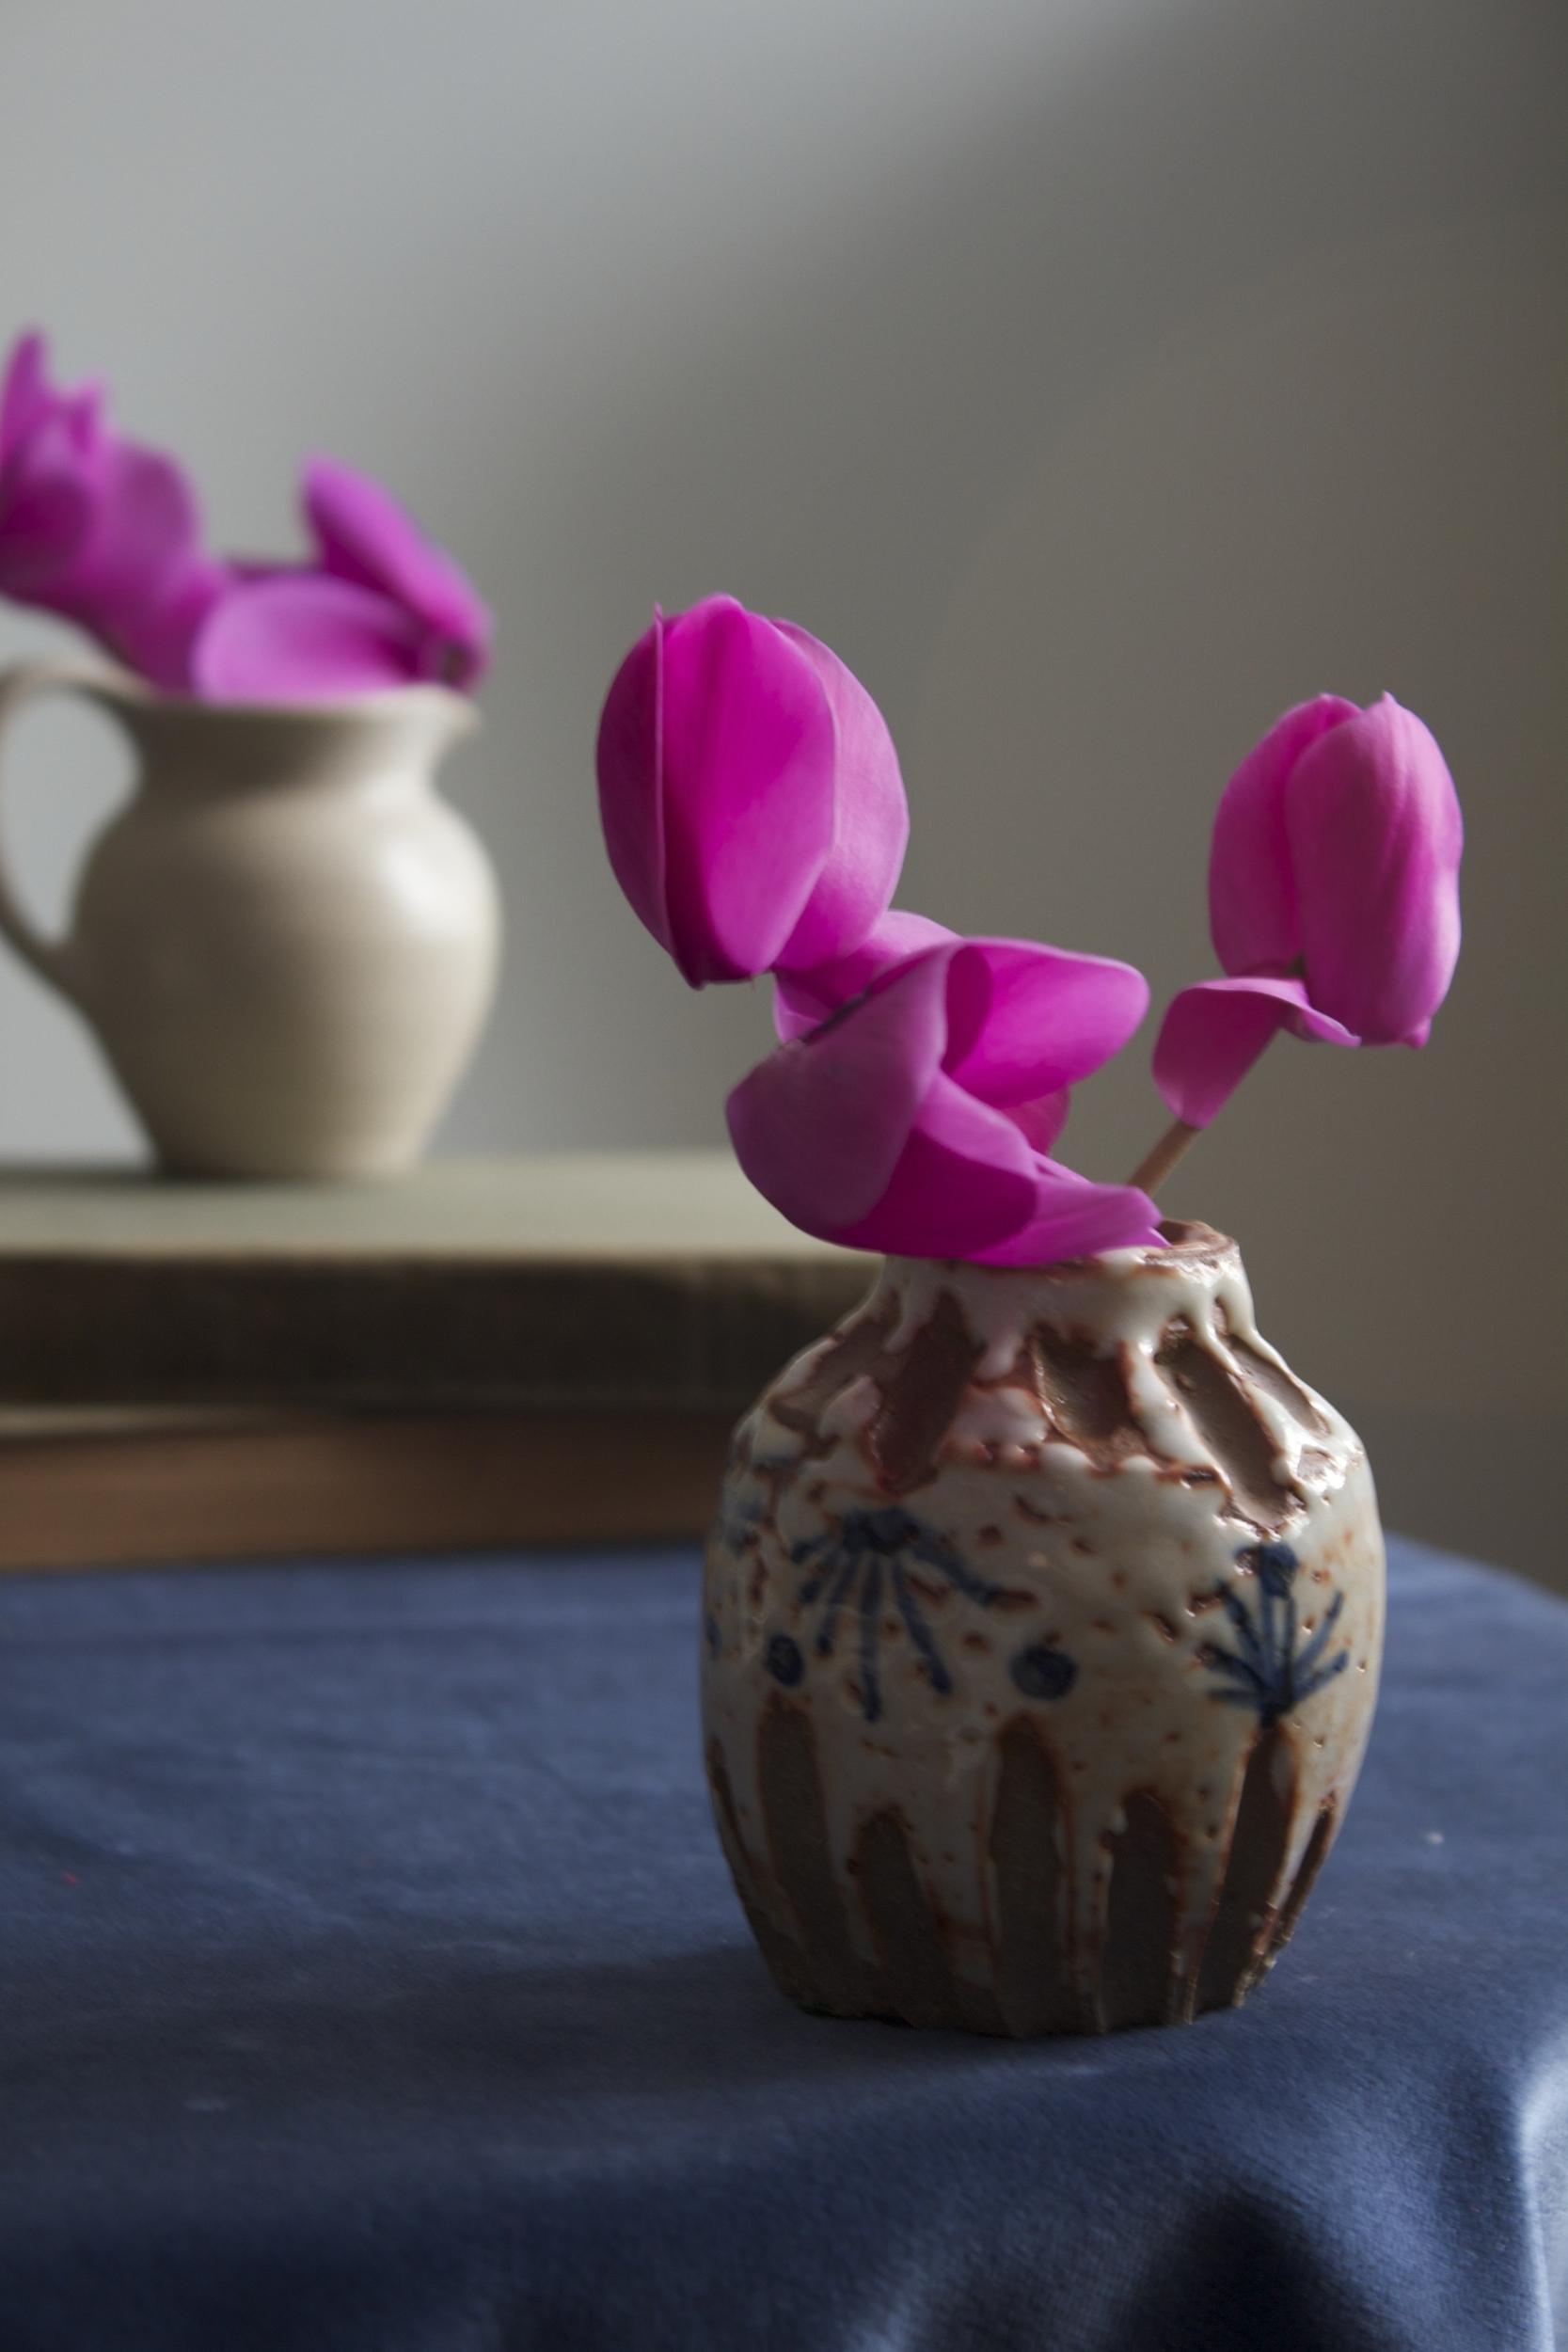 pink flowers in hand made vase.jpg